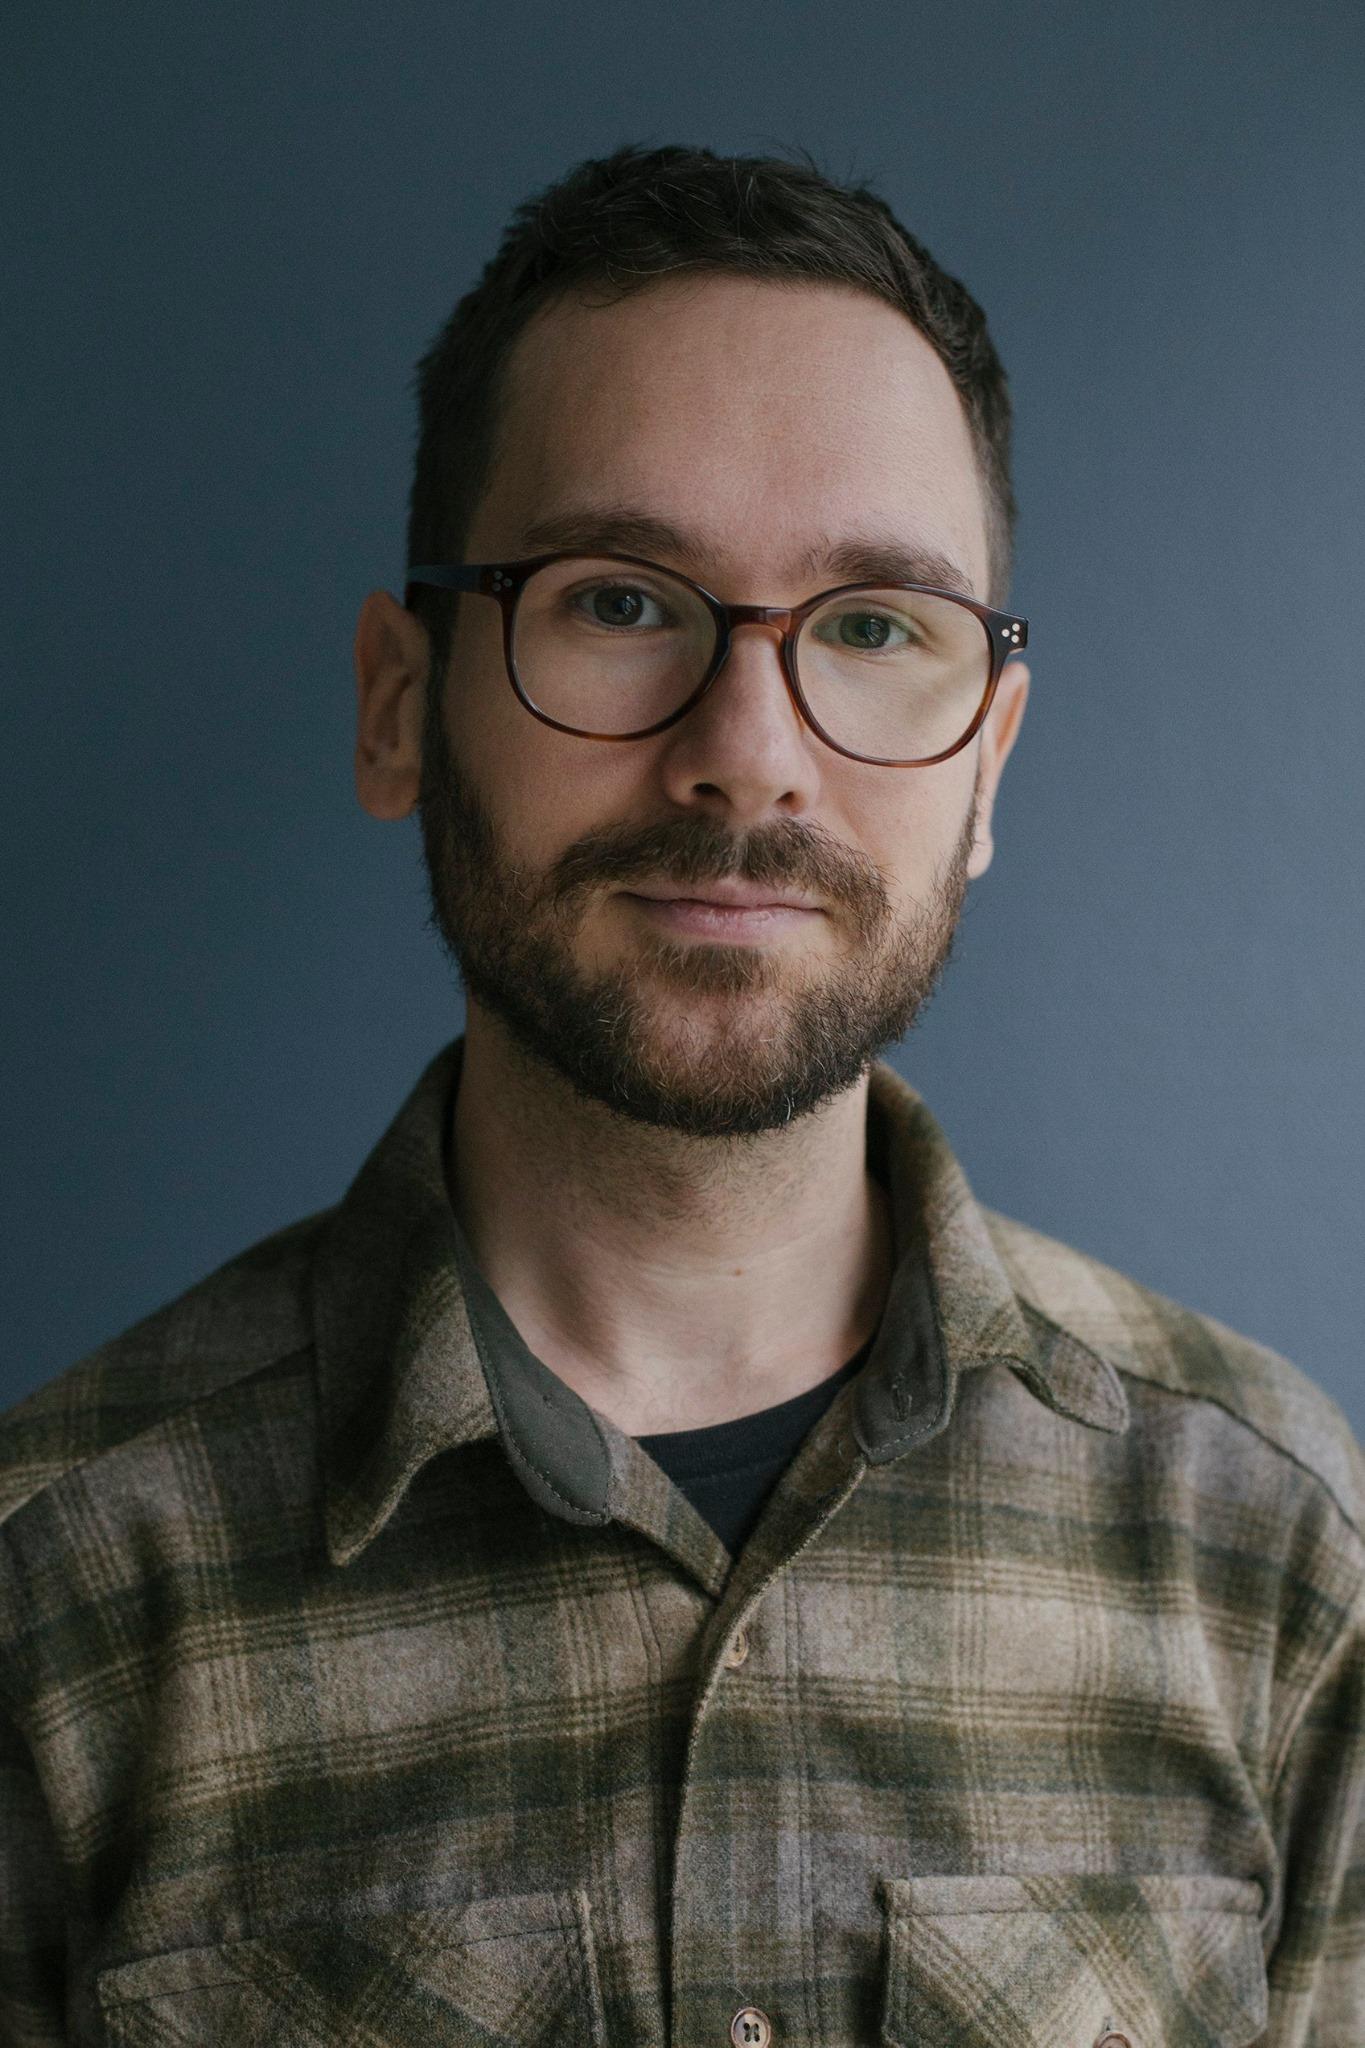 Ett porträtt av mig - Micke Holgersson!